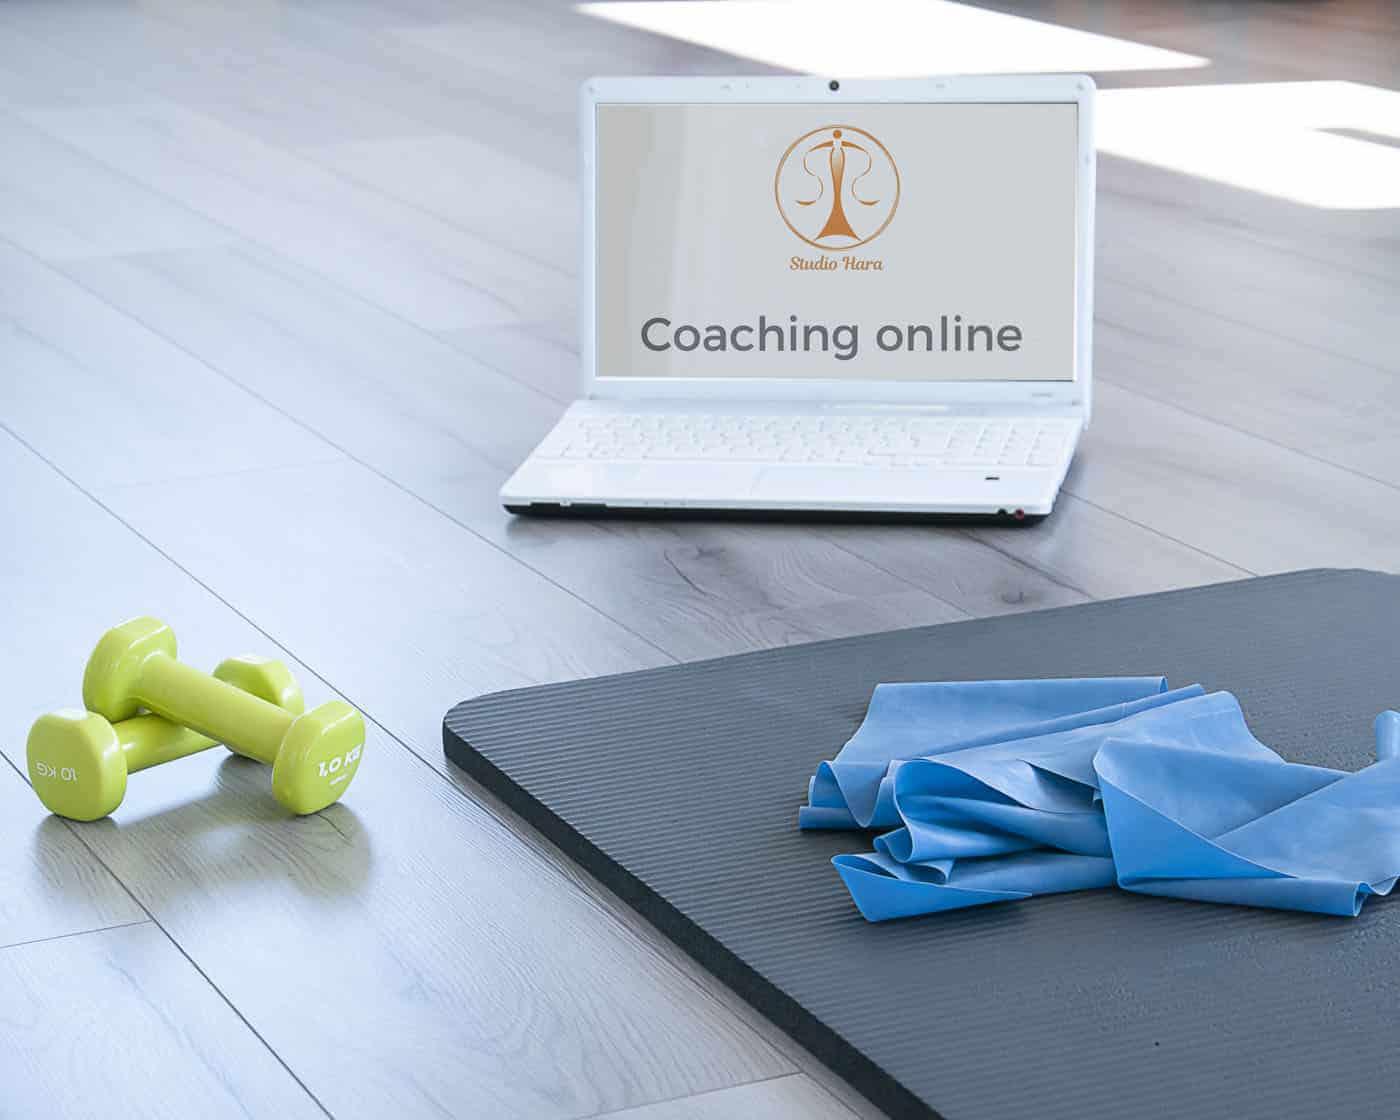 studio-hara-reggio-emilia-coaching-online-pg2